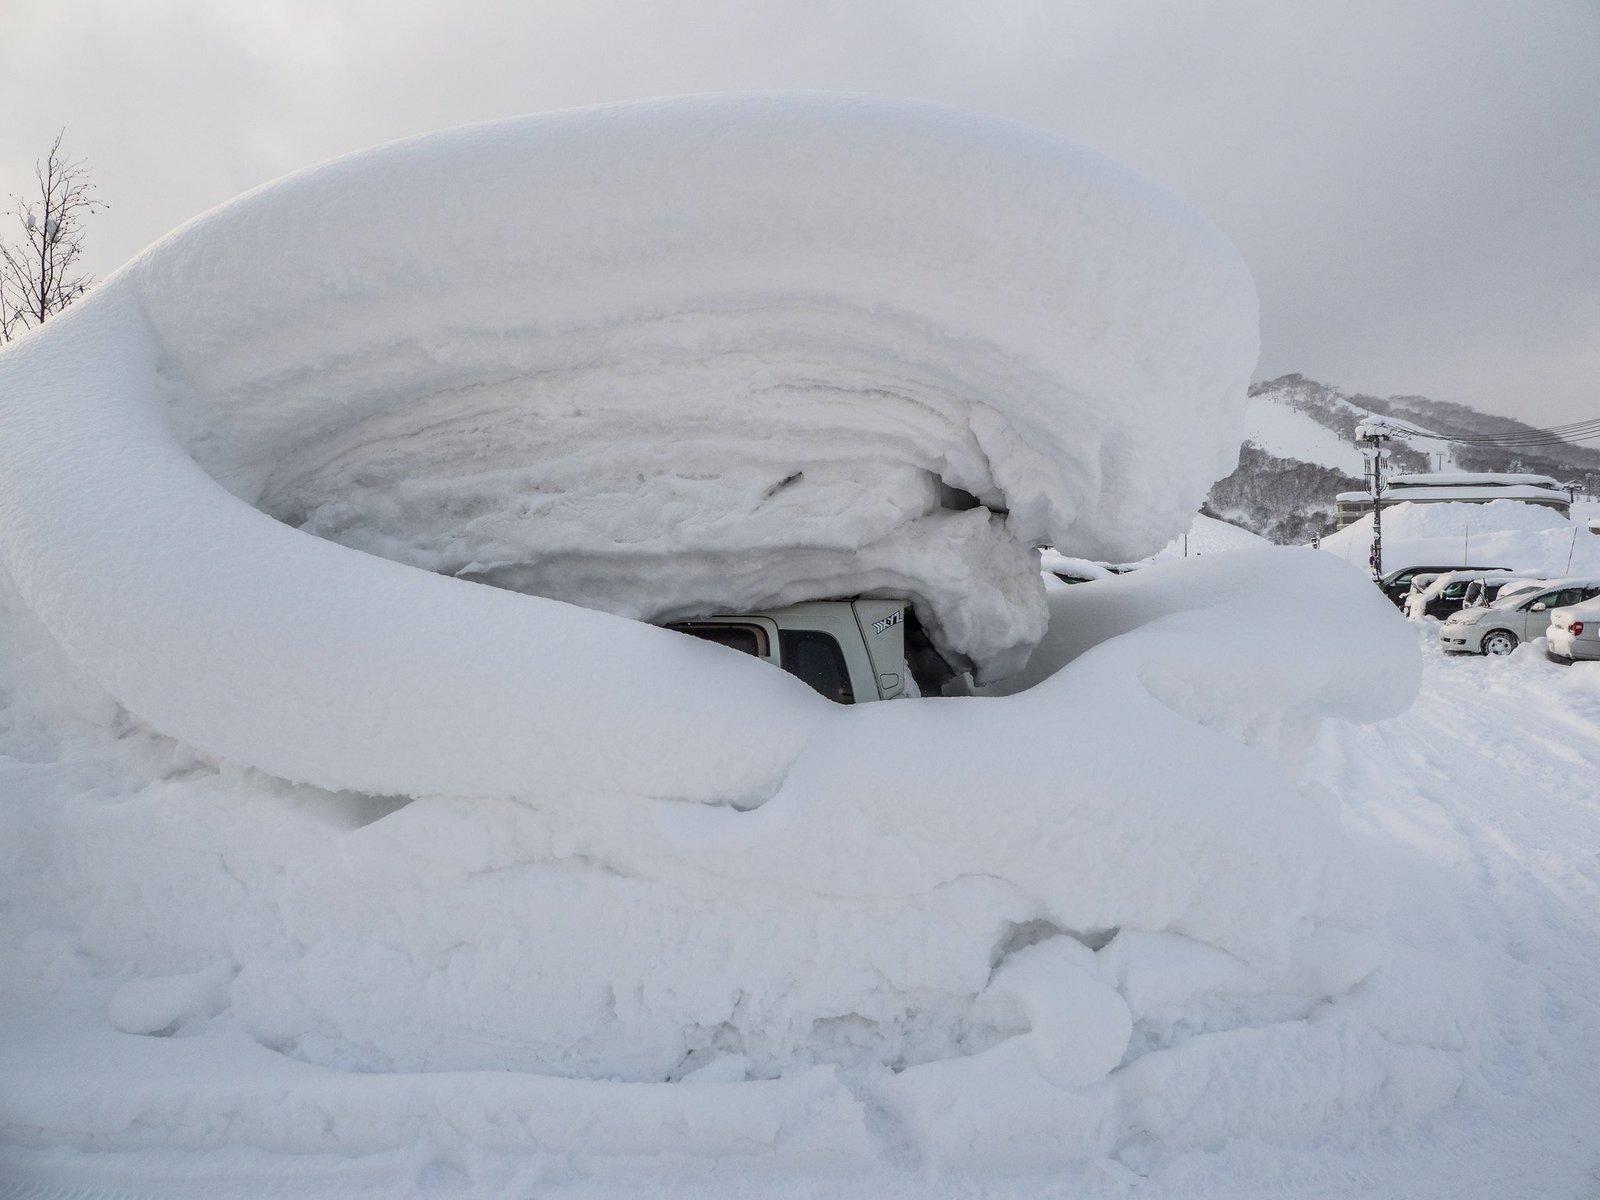 ニセコで雪に埋もれた車